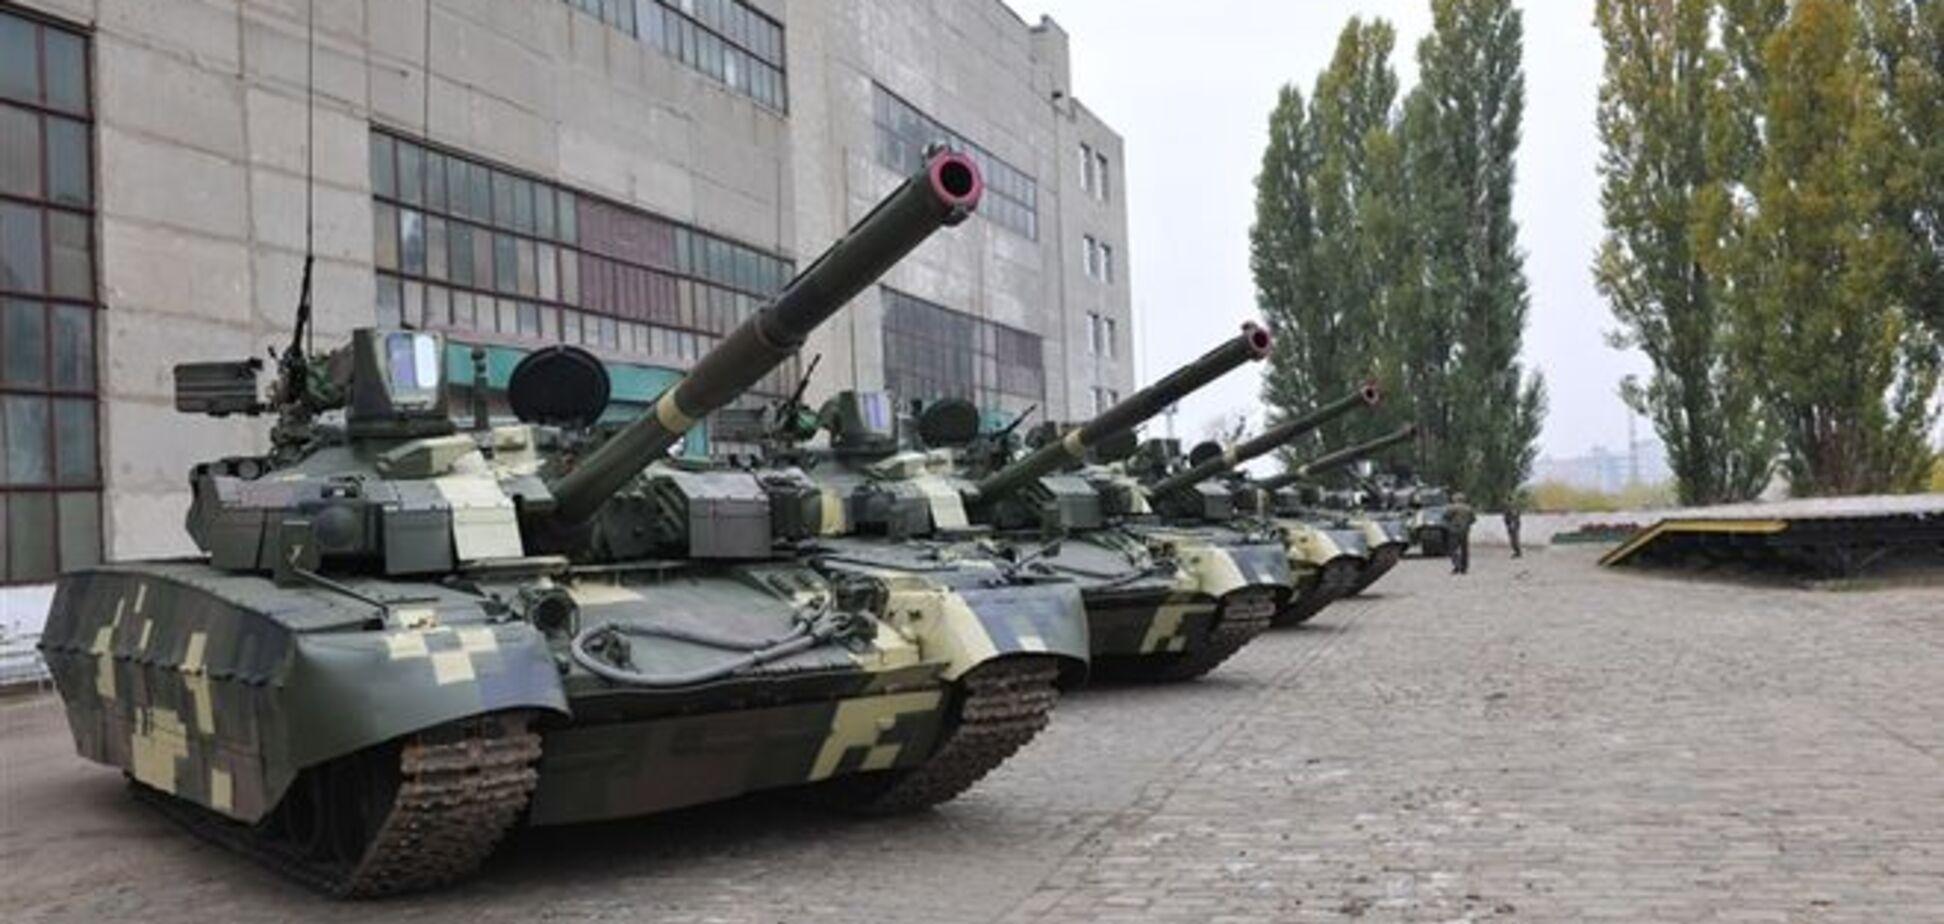 Уволен глава крупнейшего танкового завода Украины